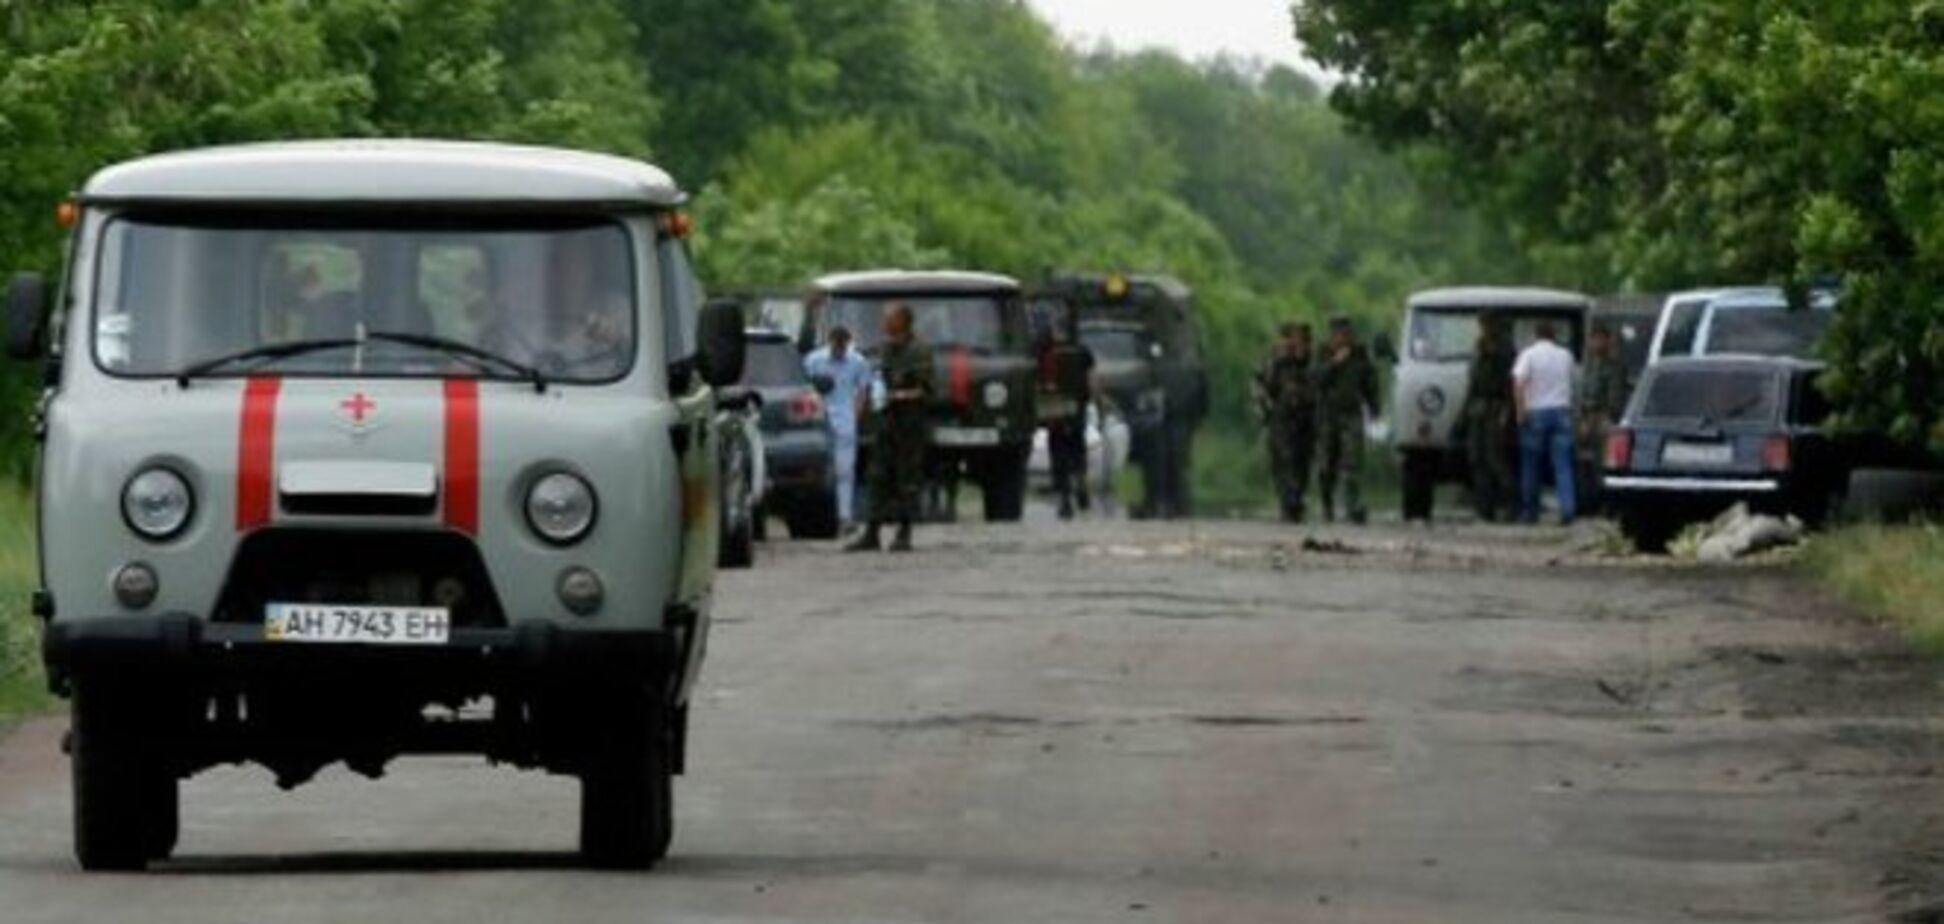 Трагедию под Волновахой устроили российские наемники - журналист